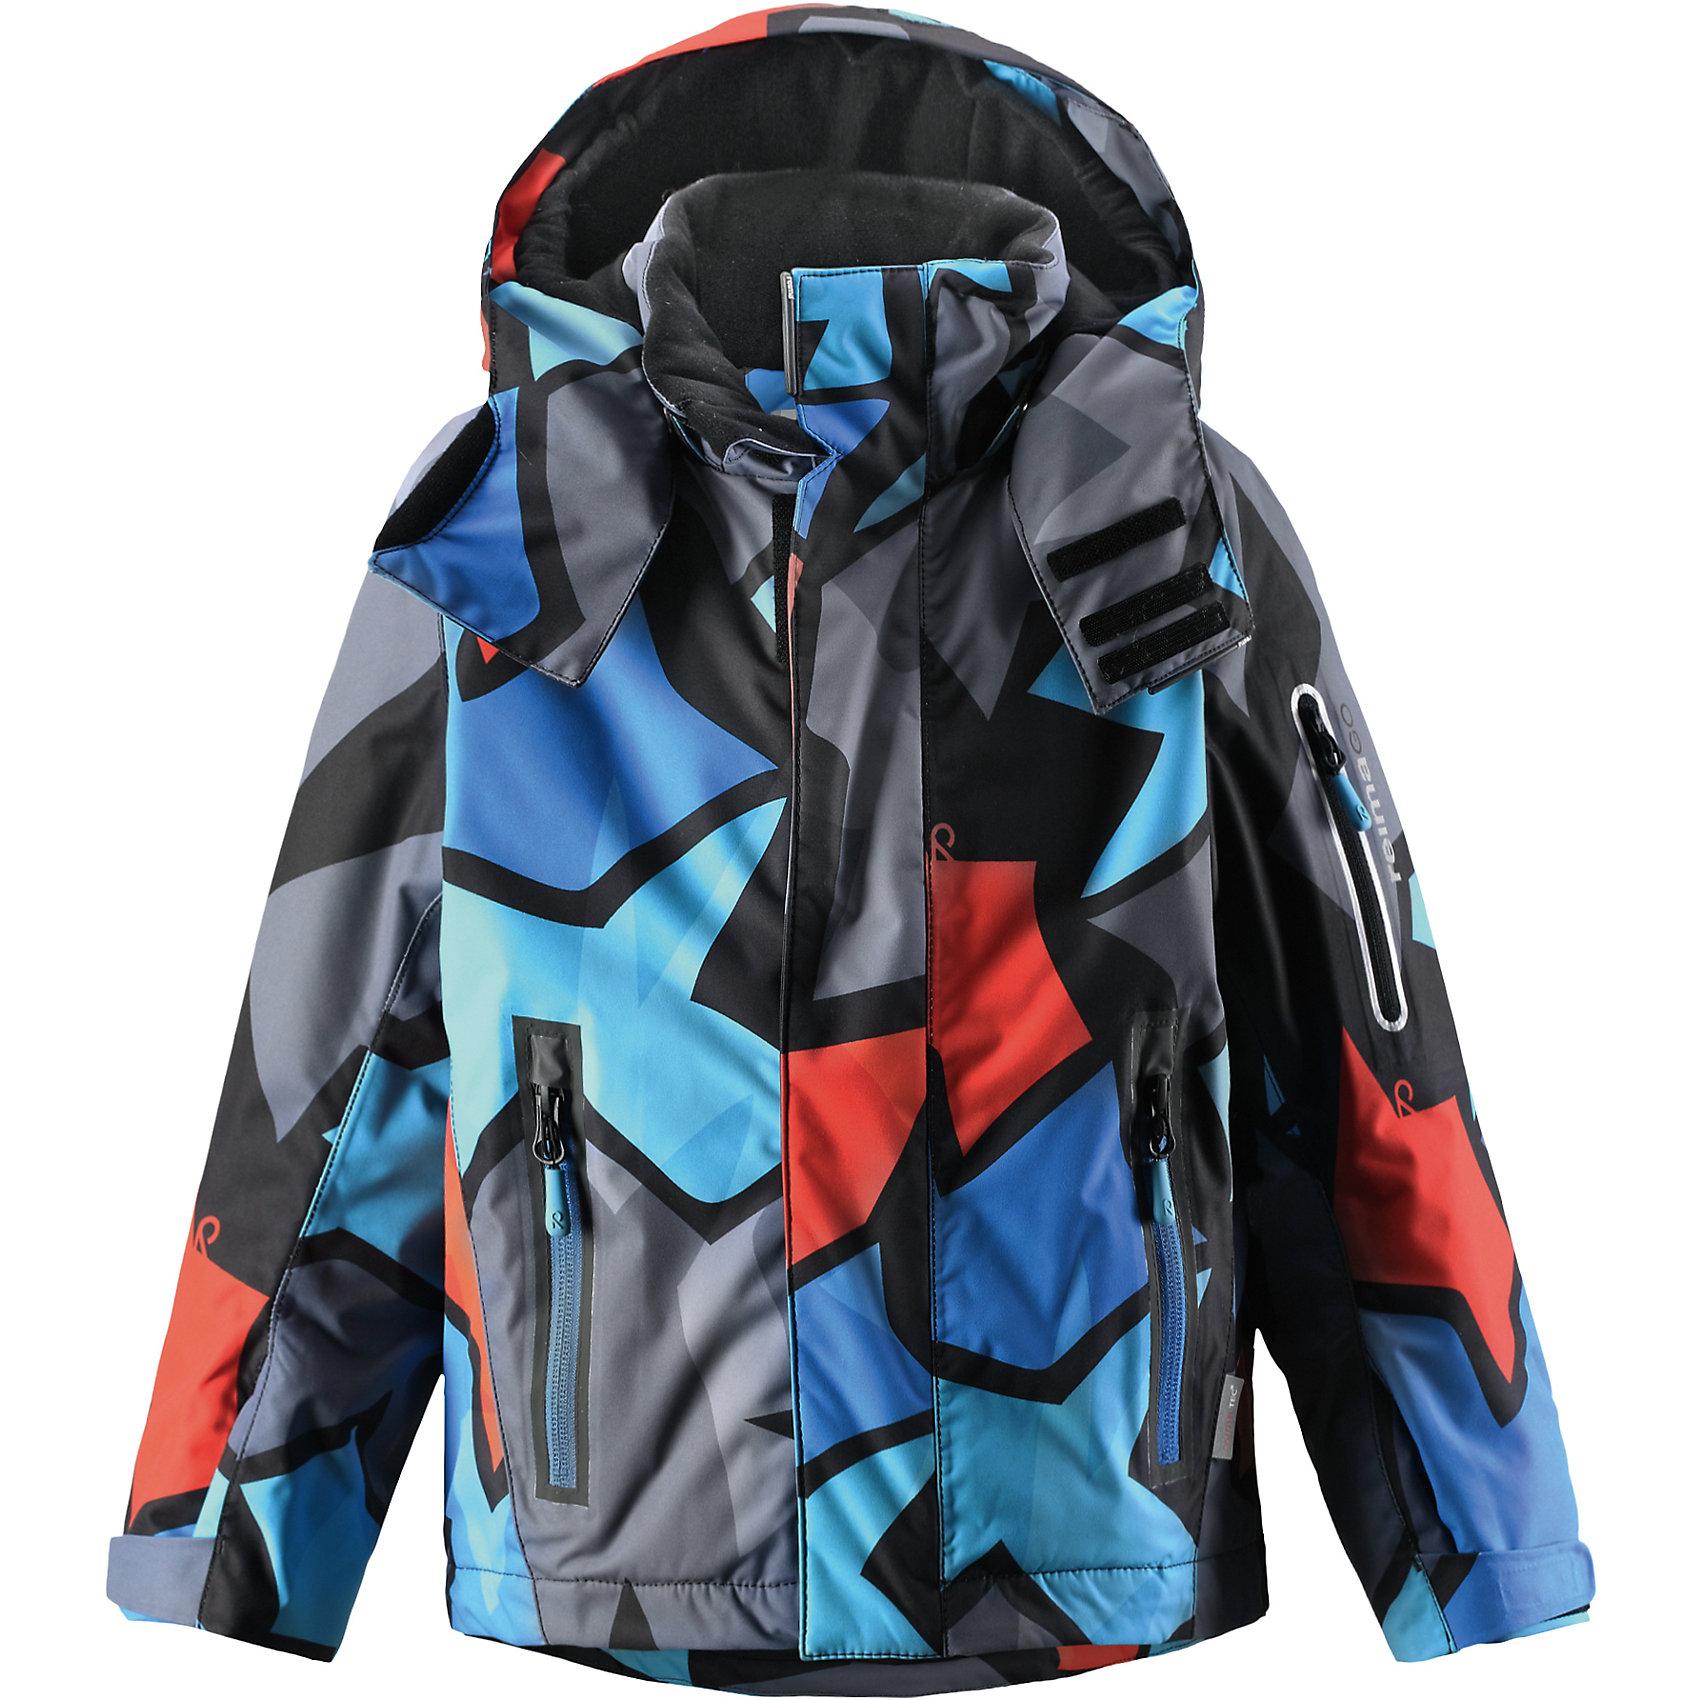 Куртка Regor для мальчика Reimatec® ReimaОдежда<br>Куртка для мальчика Reimatec® Reima<br>Зимняя куртка для детей. Все швы проклеены и водонепроницаемы. Водо- и ветронепроницаемый «дышащий» материал. Гладкая подкладка из полиэстра. Безопасный, отстегивающийся и регулируемый капюшон. Регулируемые манжеты и внутренние манжеты из лайкры. Регулируемый подол, снегозащитный манжет на талииНовая усовершенствованная молния — больше не застревает! Карман для очков и внутренний нагрудный карманКарманы на молнии. Карман на рукаве с пластинчатым разъемом для датчика ReimaGO®. Принт по всей поверхности.<br>Утеплитель: Reima® Flex insulation,140 g<br>Уход:<br>Стирать по отдельности, вывернув наизнанку. Застегнуть молнии и липучки. Стирать моющим средством, не содержащим отбеливающие вещества. Полоскать без специального средства. Во избежание изменения цвета изделие необходимо вынуть из стиральной машинки незамедлительно после окончания программы стирки. Можно сушить в сушильном шкафу или центрифуге (макс. 40° C).<br>Состав:<br>100% Полиамид, полиуретановое покрытие<br><br>Ширина мм: 356<br>Глубина мм: 10<br>Высота мм: 245<br>Вес г: 519<br>Цвет: синий<br>Возраст от месяцев: 24<br>Возраст до месяцев: 36<br>Пол: Мужской<br>Возраст: Детский<br>Размер: 98,140,116,104,134,92,122,110,128<br>SKU: 4776490